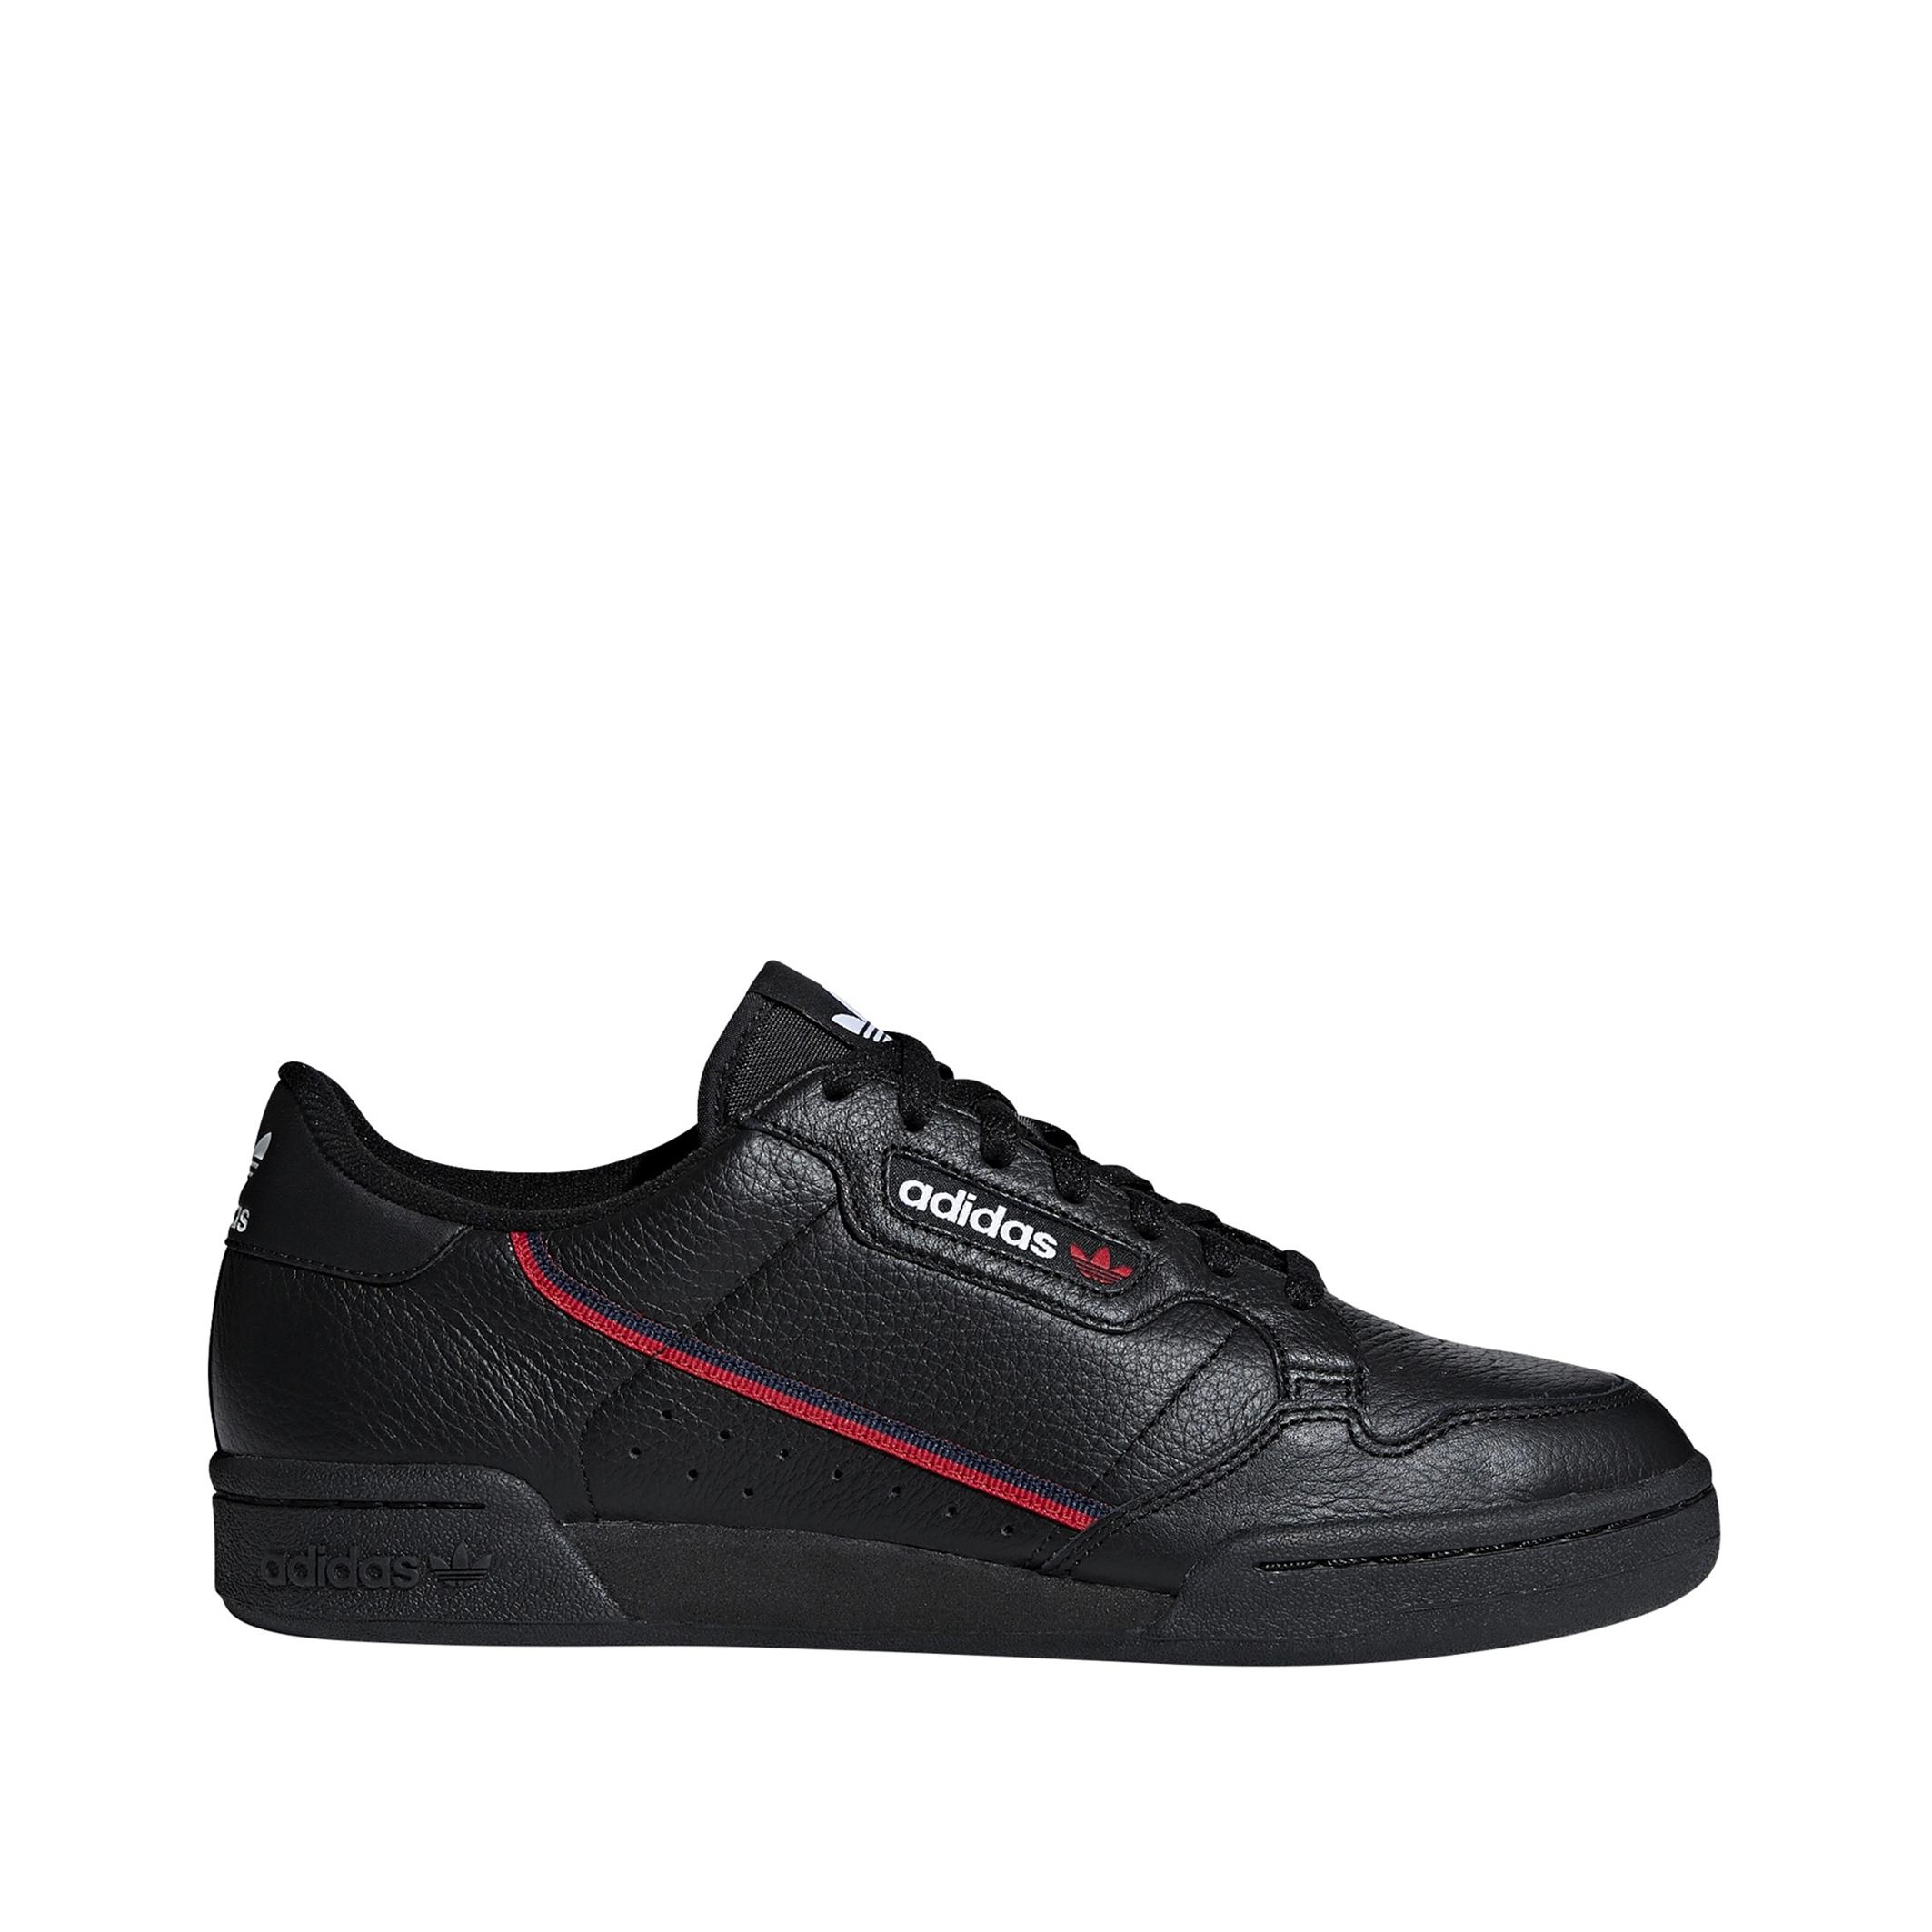 Adidas Originals Sneakers Continental 80 Zwart/Rood/Navy online kopen